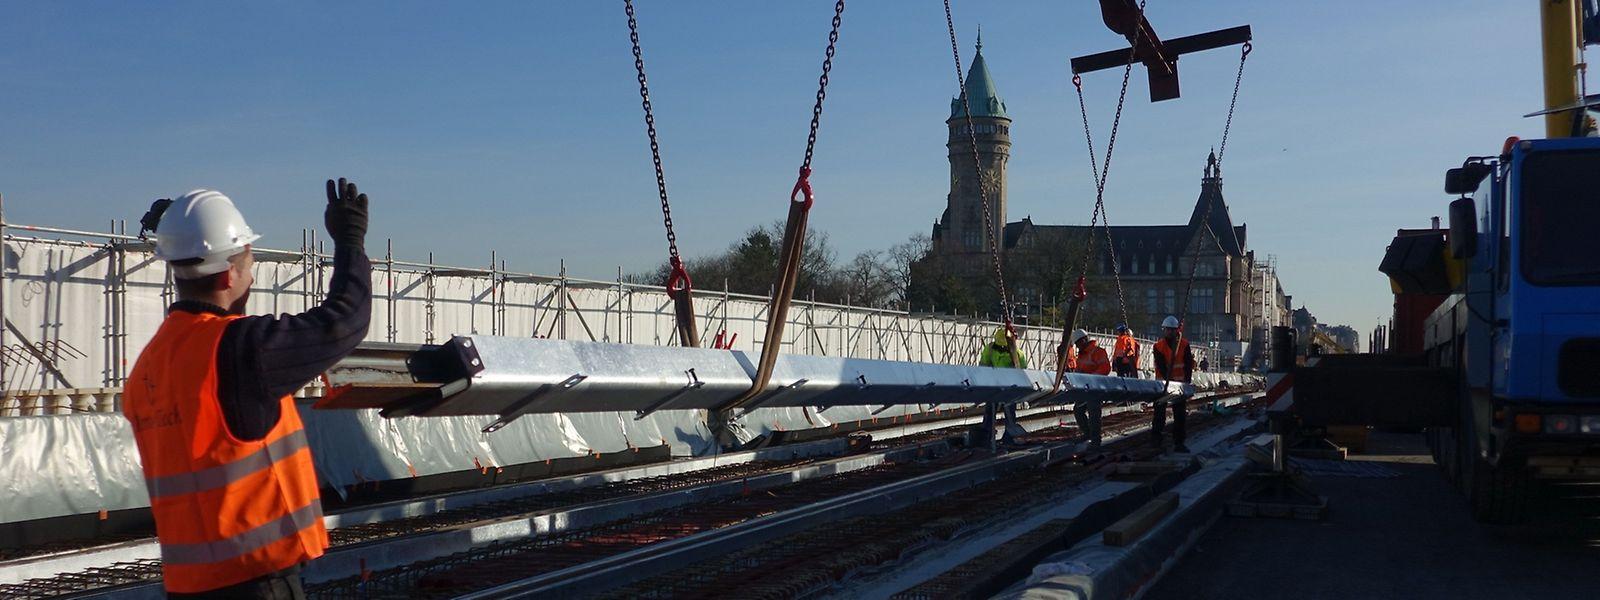 Am Mittwoch wurden die ersten Tramschienen für den Pont Adolphe geliefert.